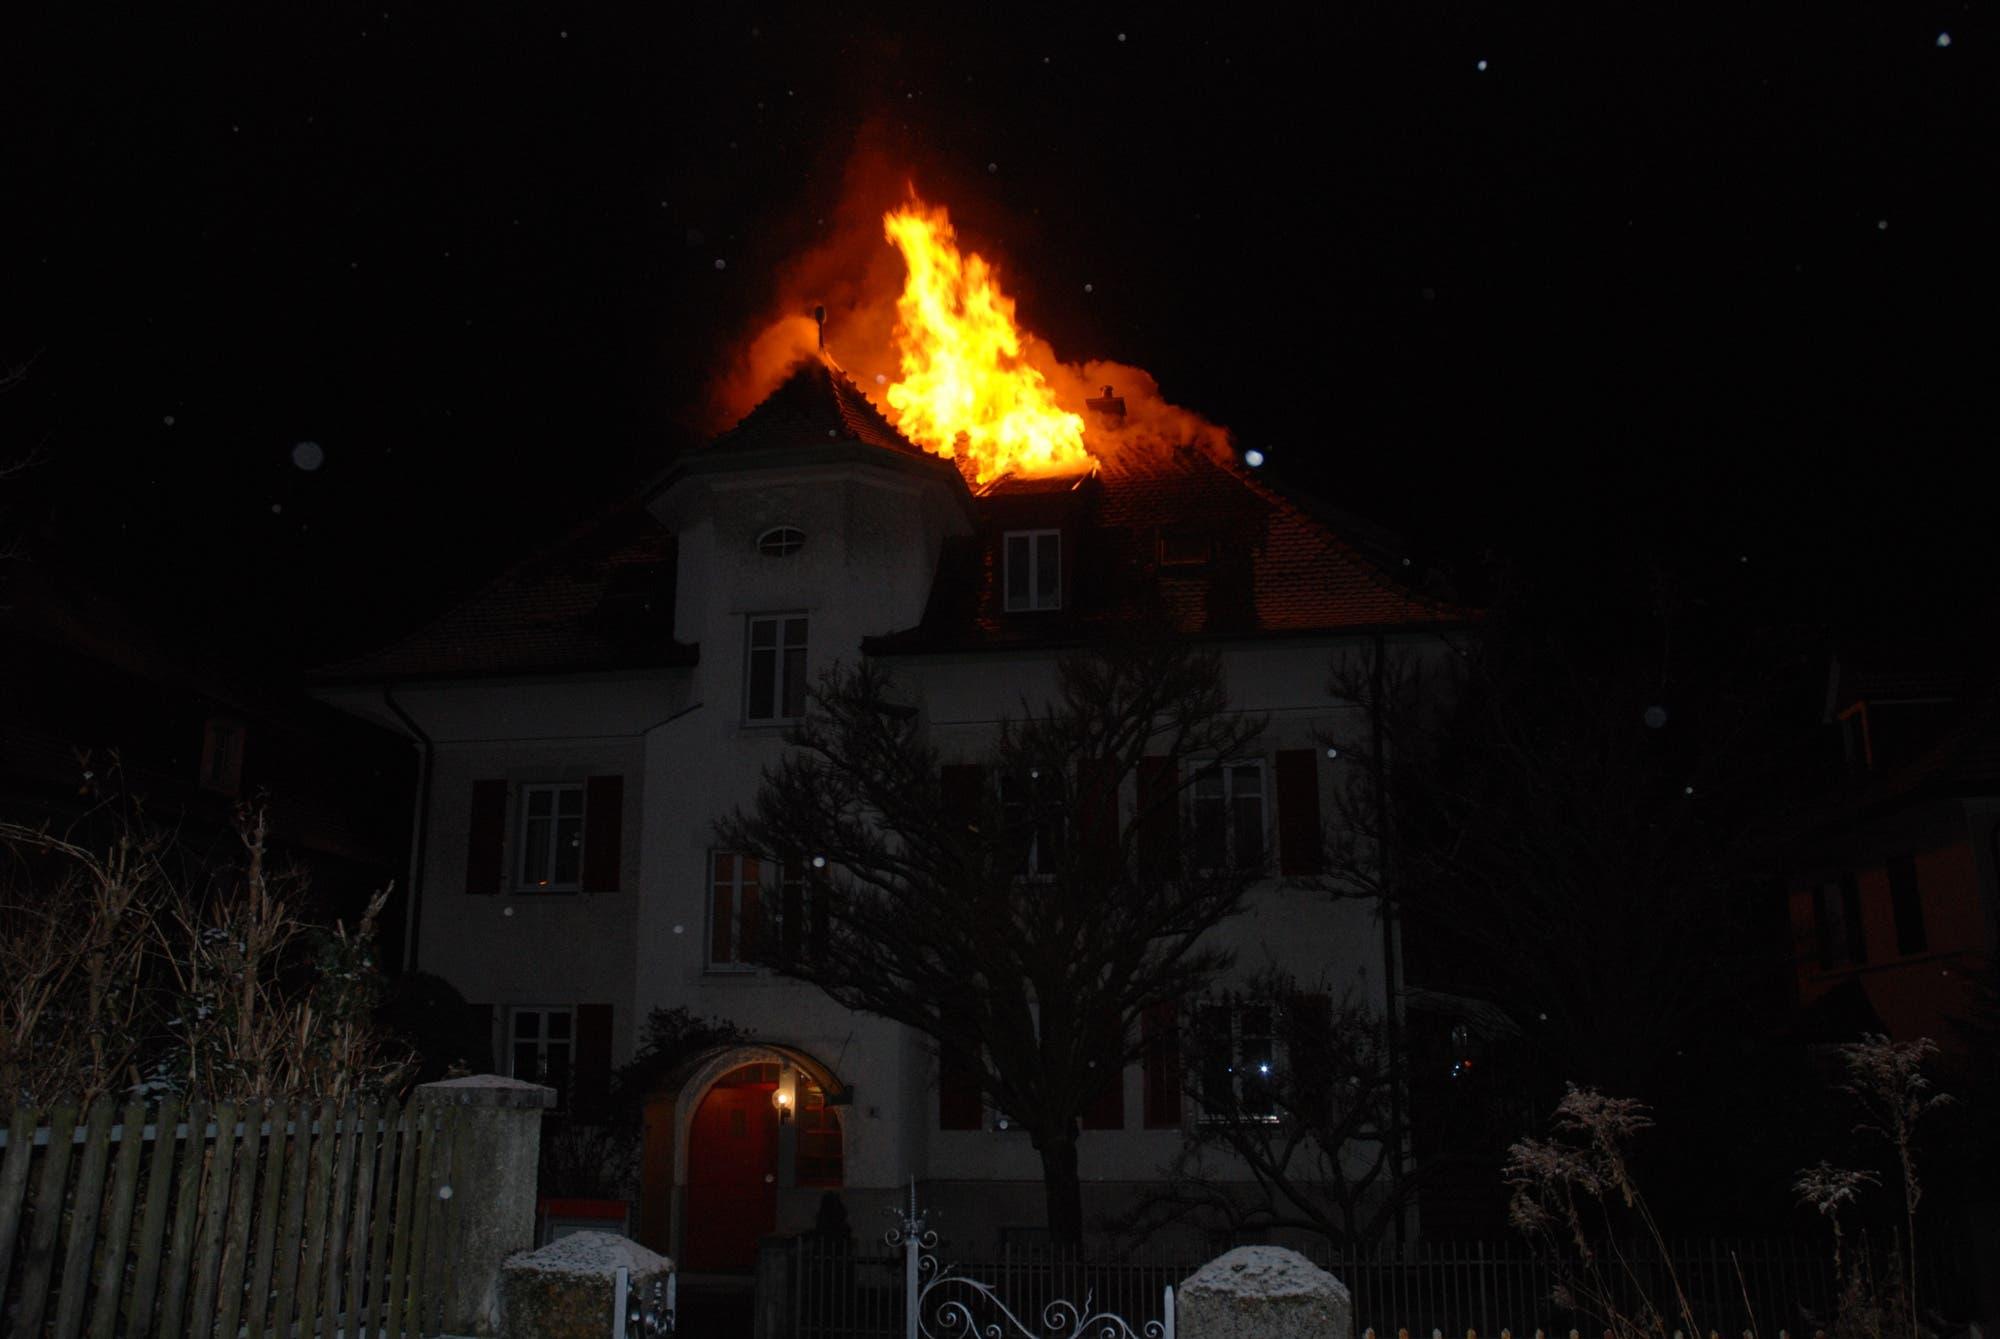 Dachstock-Brand Um 4.30 Uhr ging bei der Polizei der Notruf ein: An der Burgunderstrasse raucht es aus dem Dachstock eines 3-Familienhauses (Foto: Polizei Kanton Solothurn)